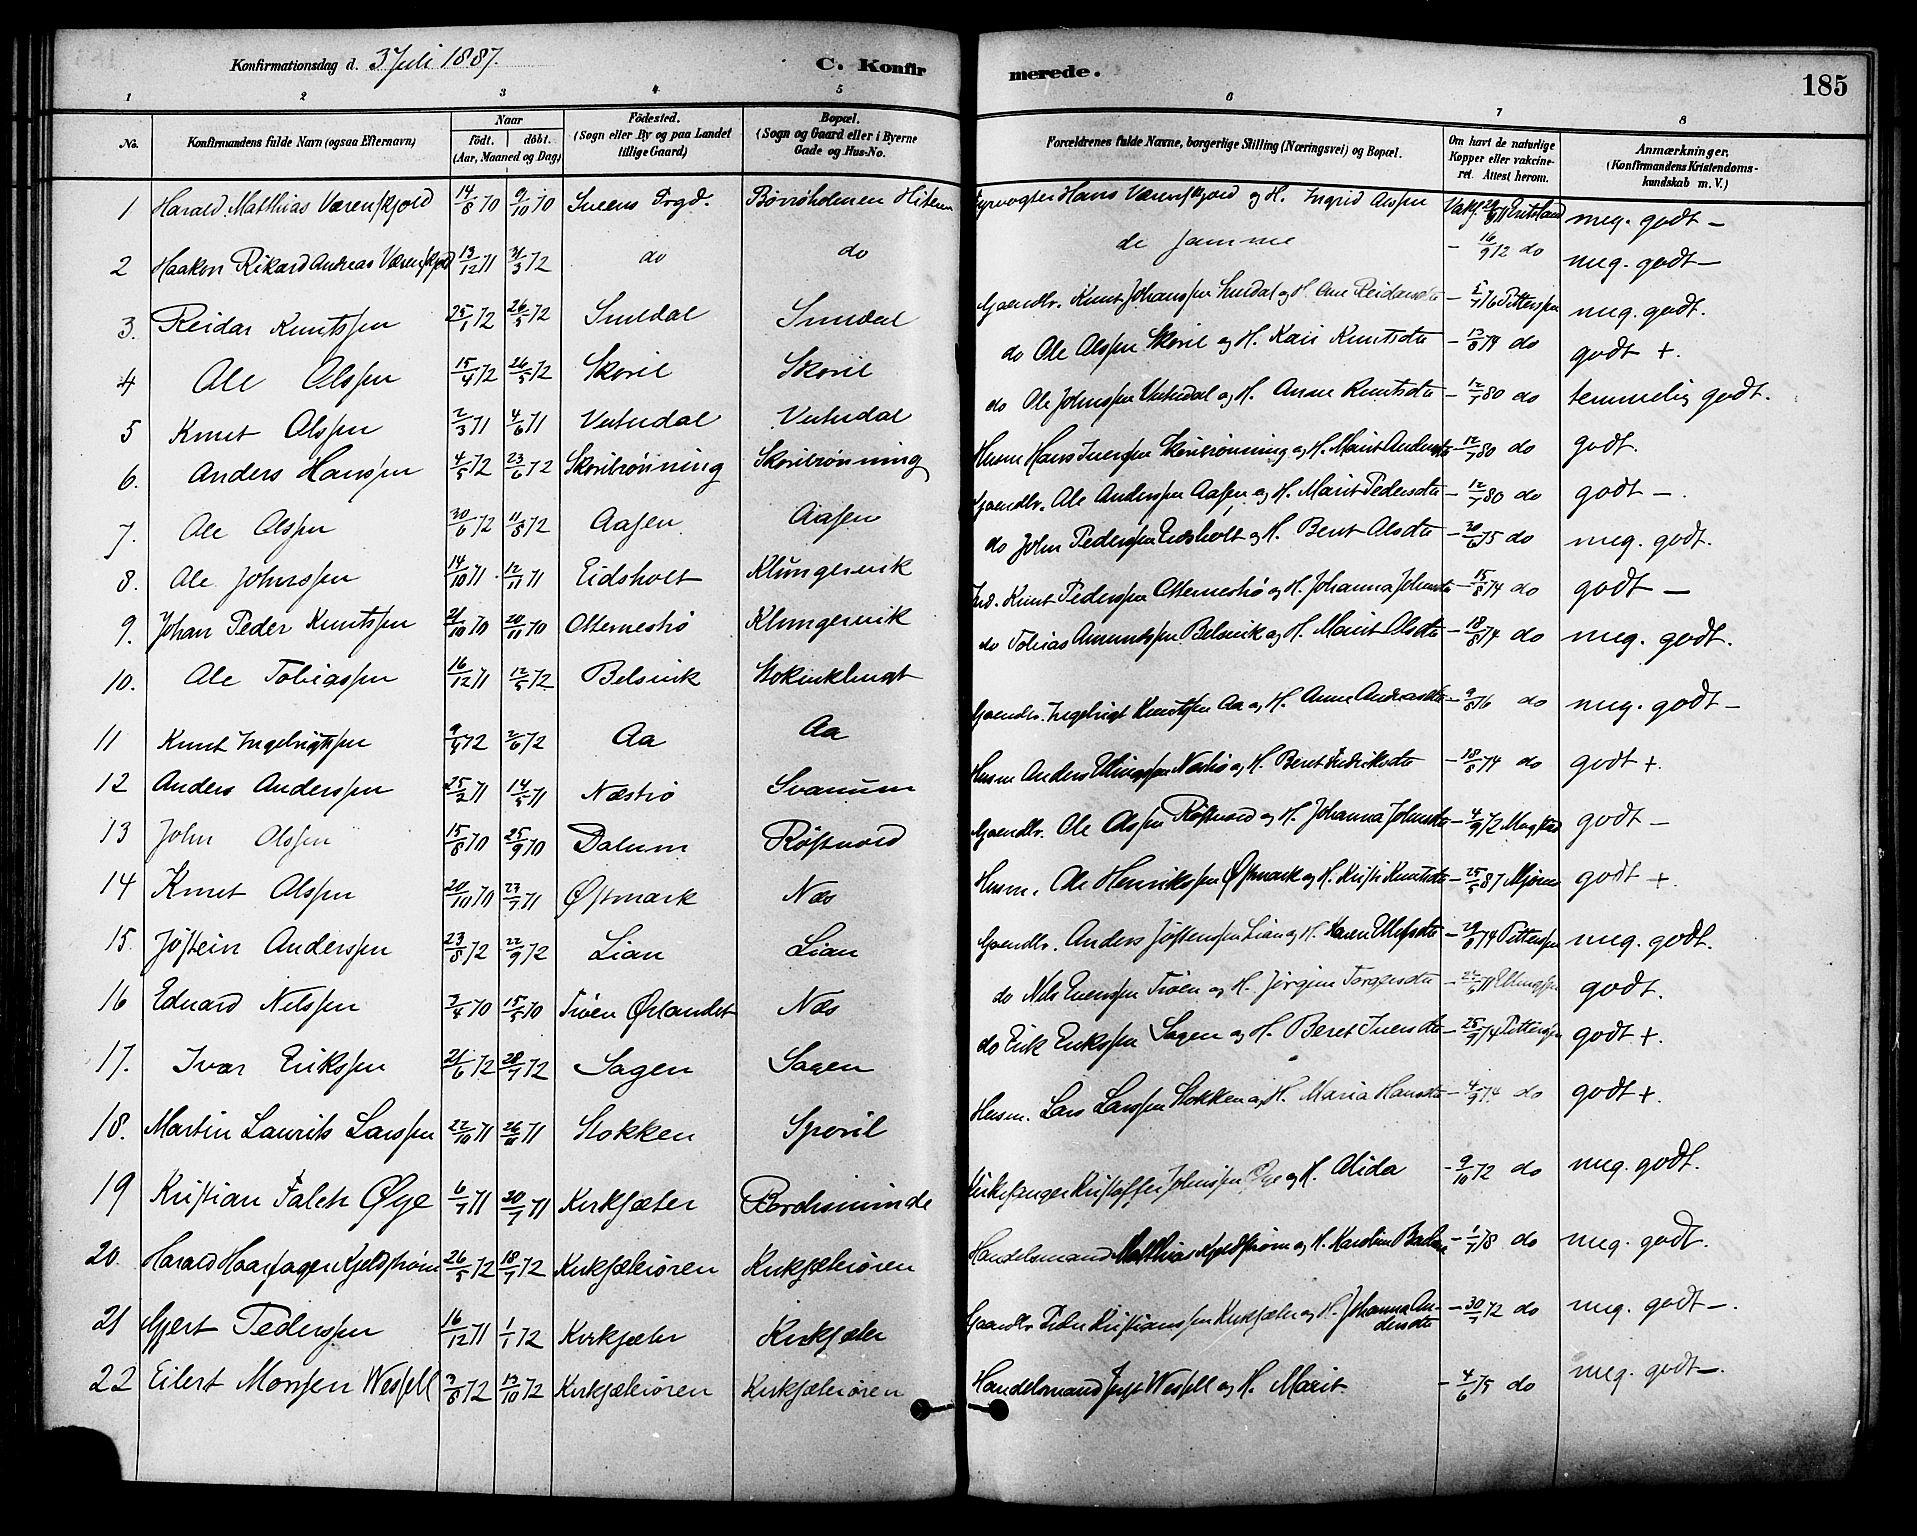 SAT, Ministerialprotokoller, klokkerbøker og fødselsregistre - Sør-Trøndelag, 630/L0496: Ministerialbok nr. 630A09, 1879-1895, s. 185